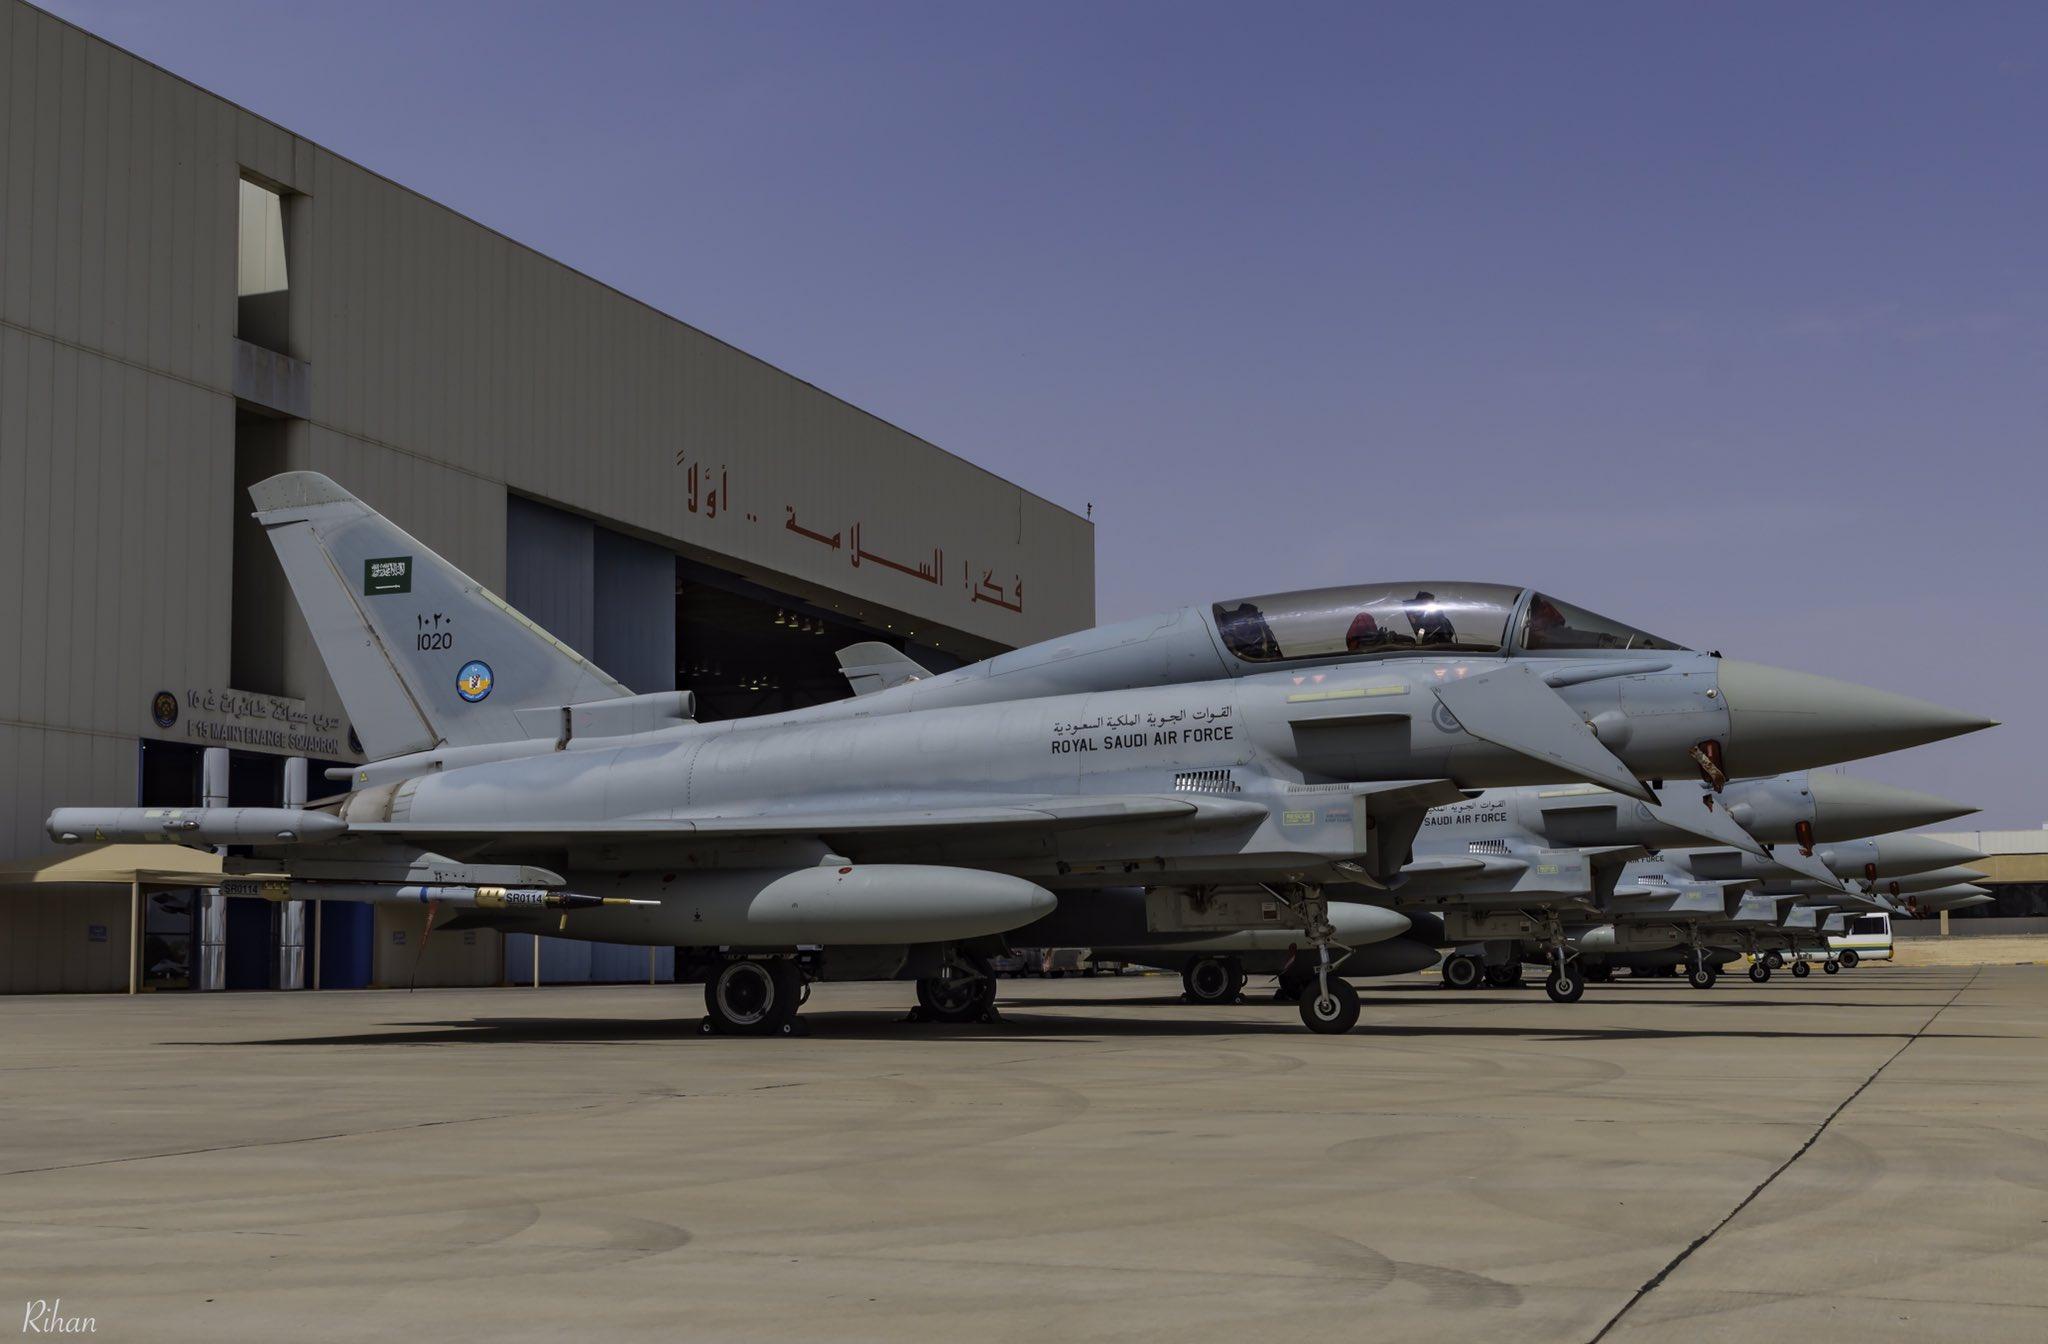 Истребители Eurofighter Typhoon ВВС Саудовской Аравии на авиабазе Таиф, 2018 год.